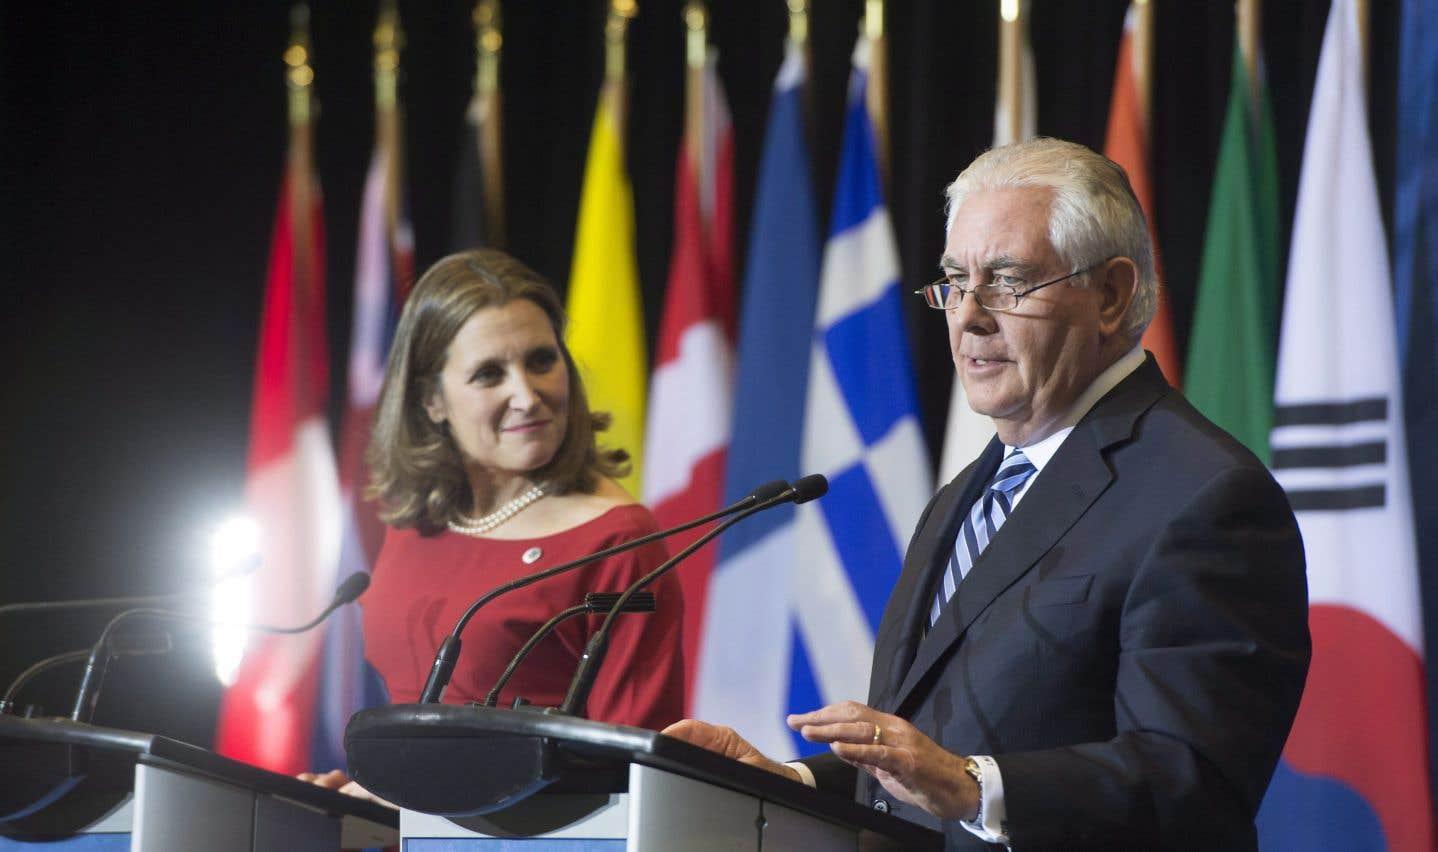 La ministre canadienne des Affaires étrangères, Chrystia Freeland, et le secrétaire d'État américain, Rex Tillerson, sont tous deux organisateurs du sommet.